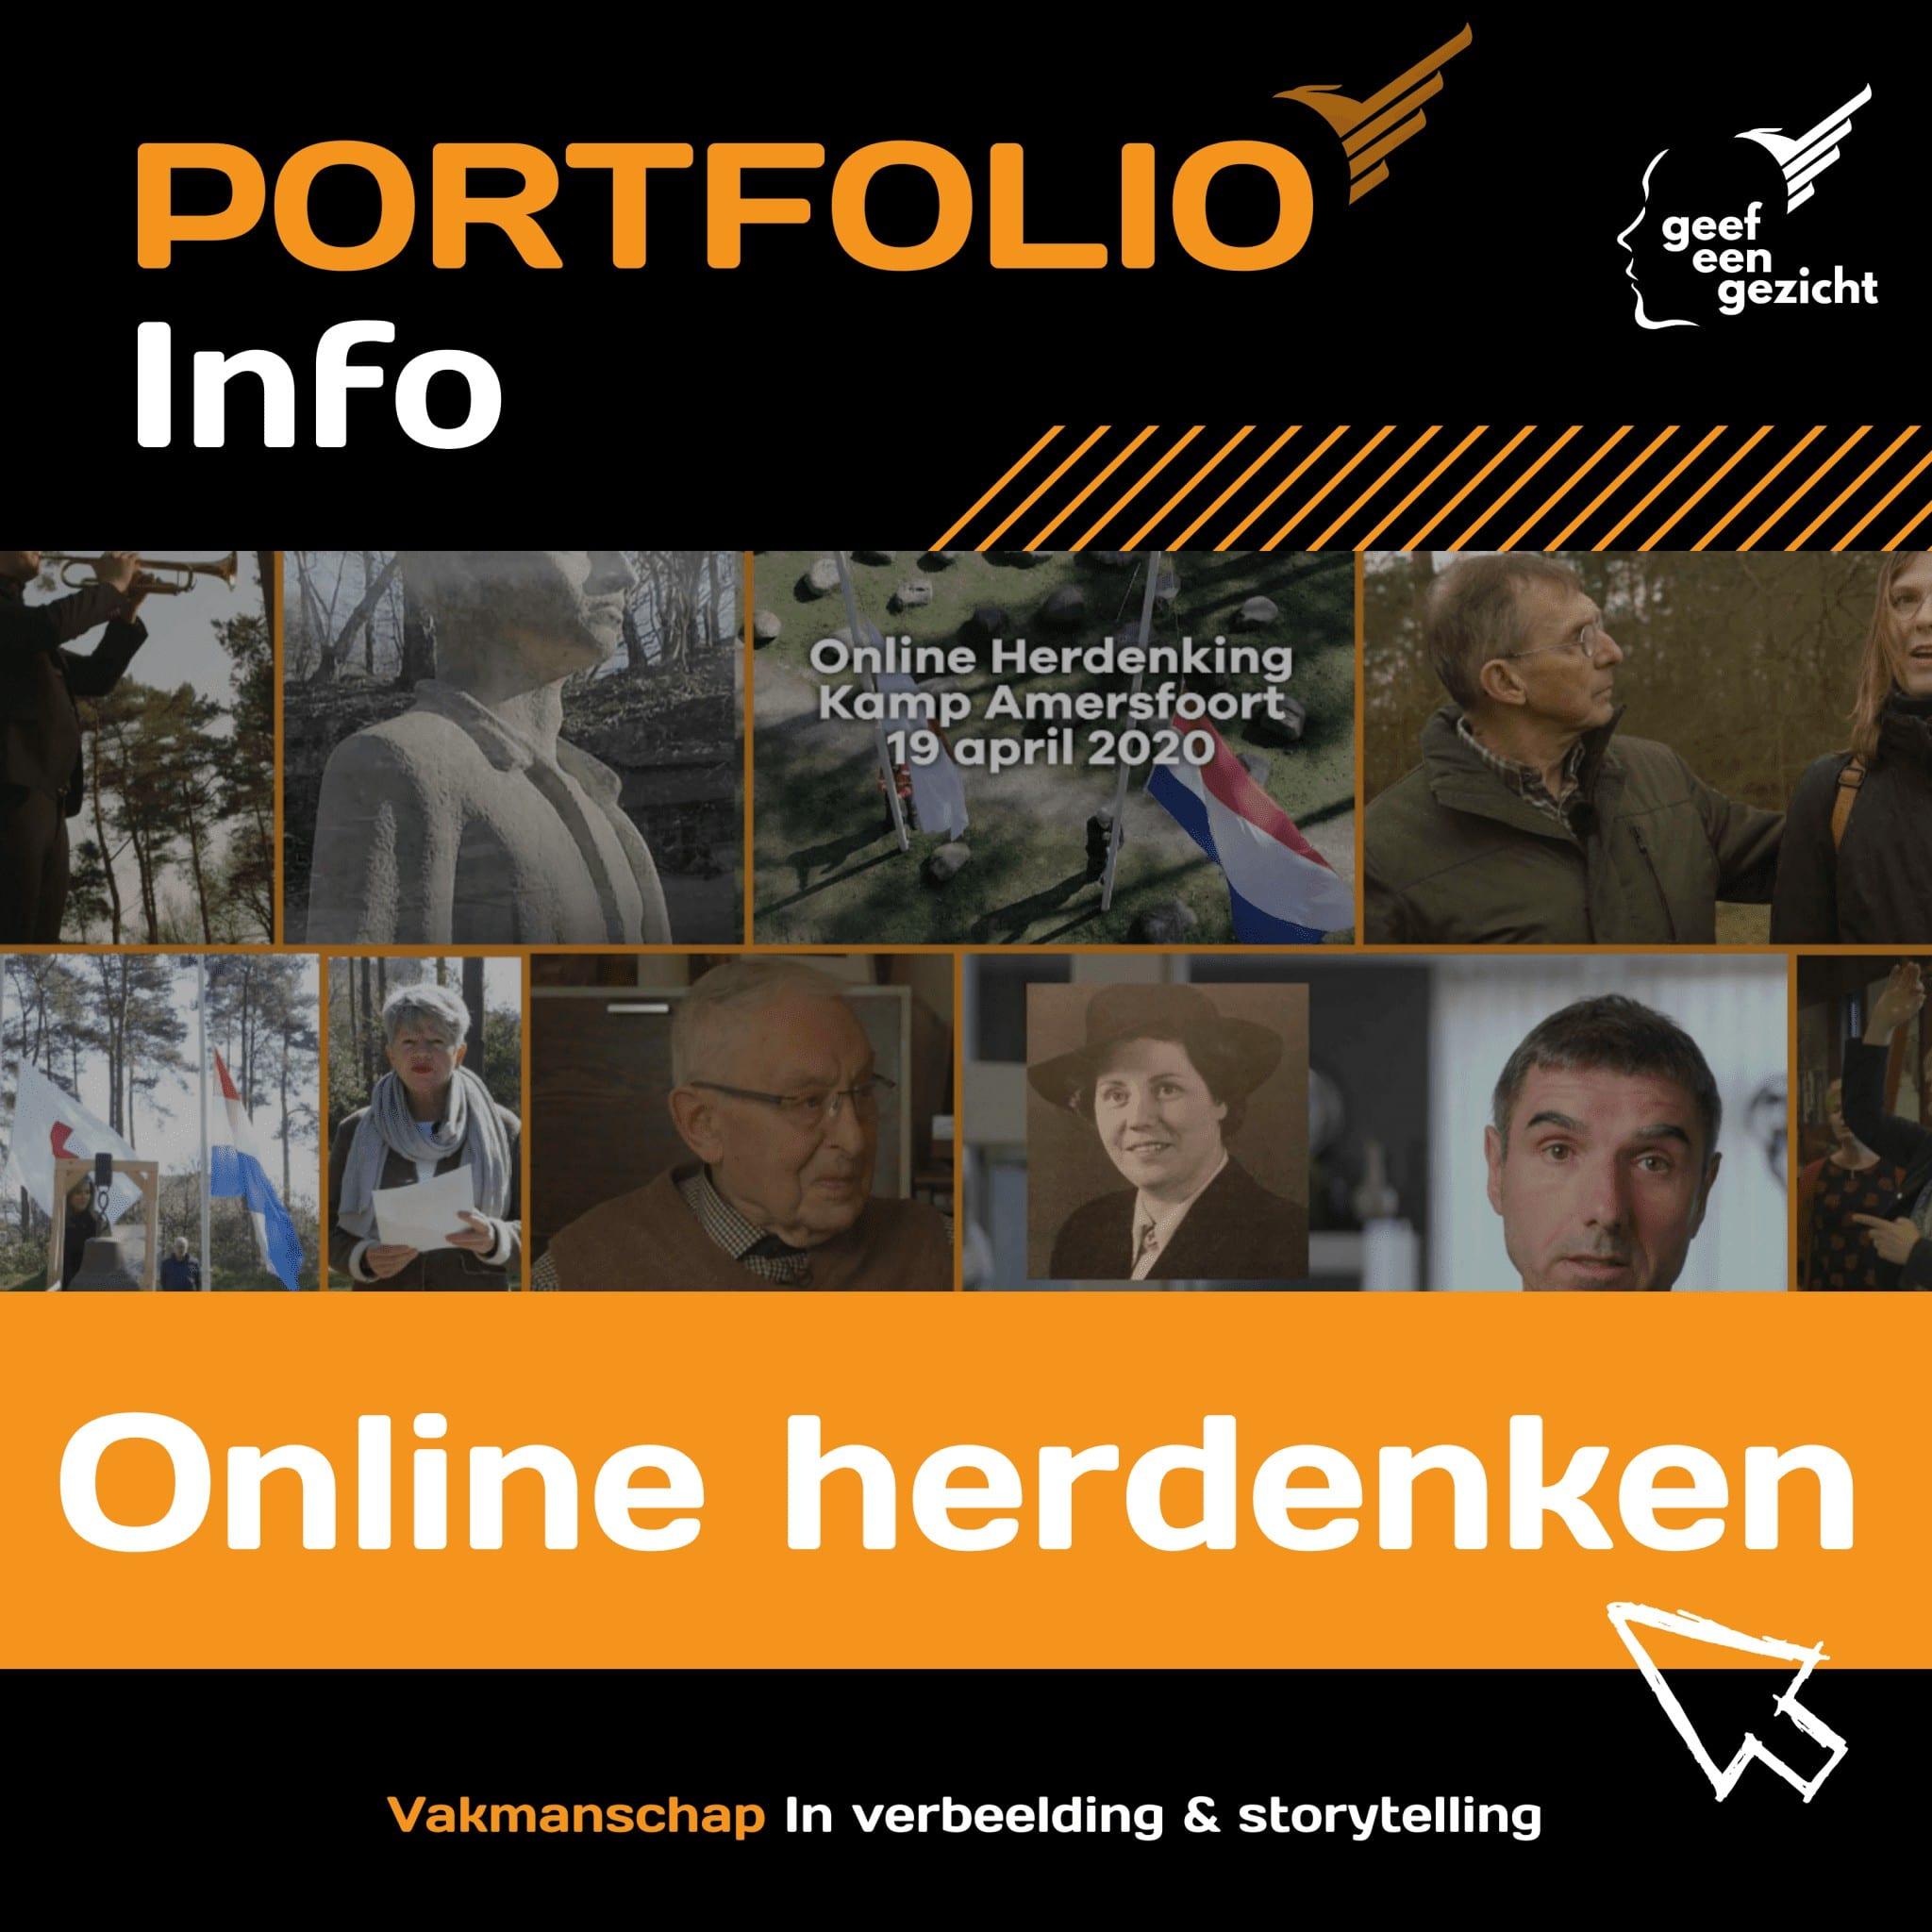 Online herdenking organisatie